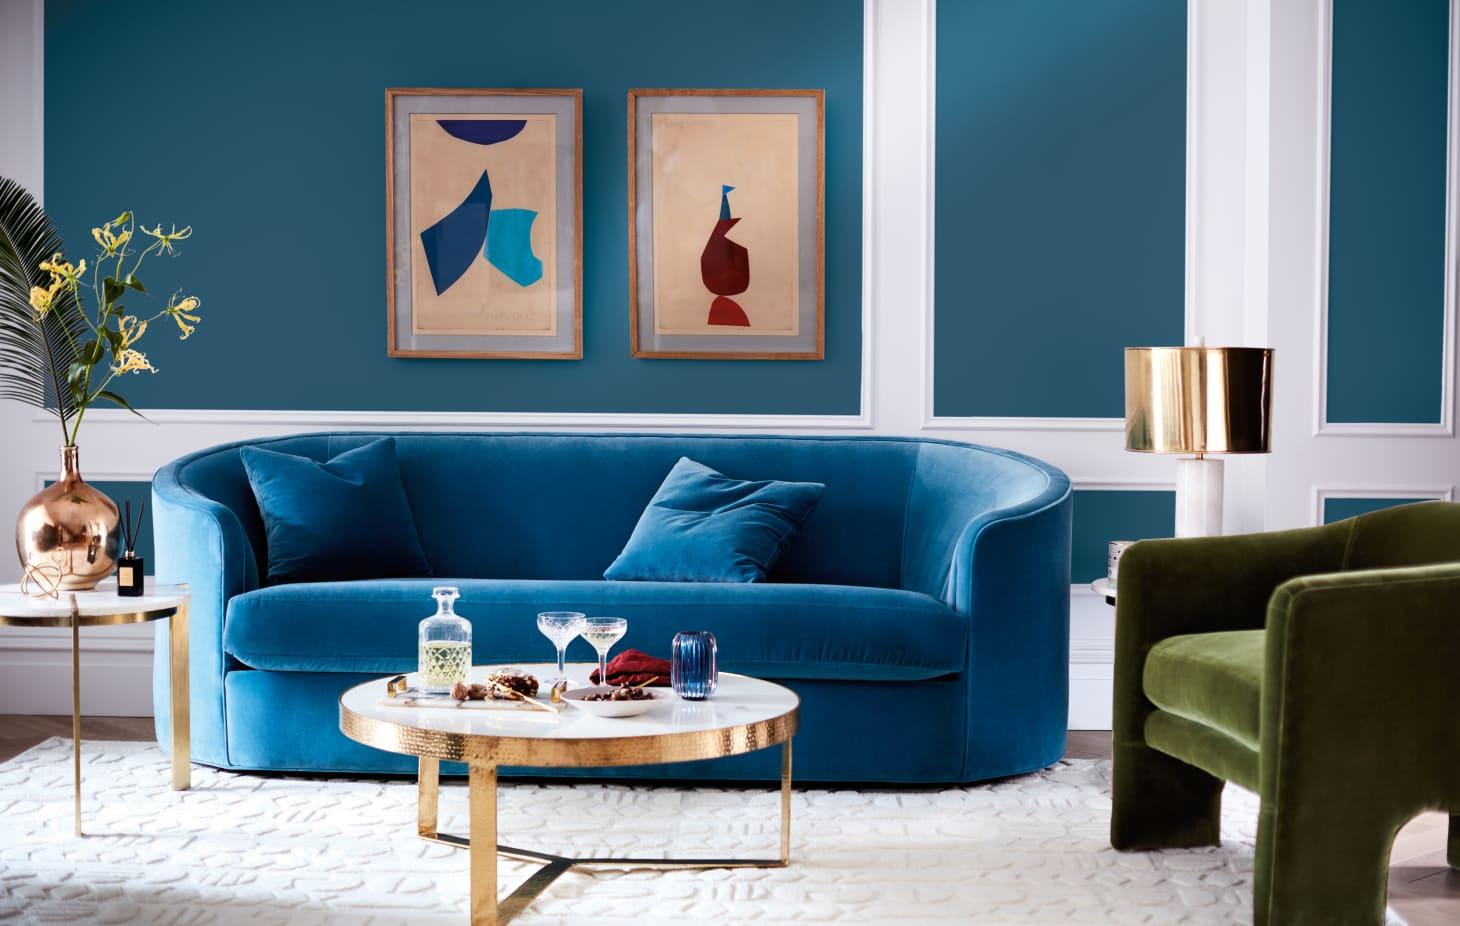 2019 Interior Design Trends - Home Decor Trends 2019